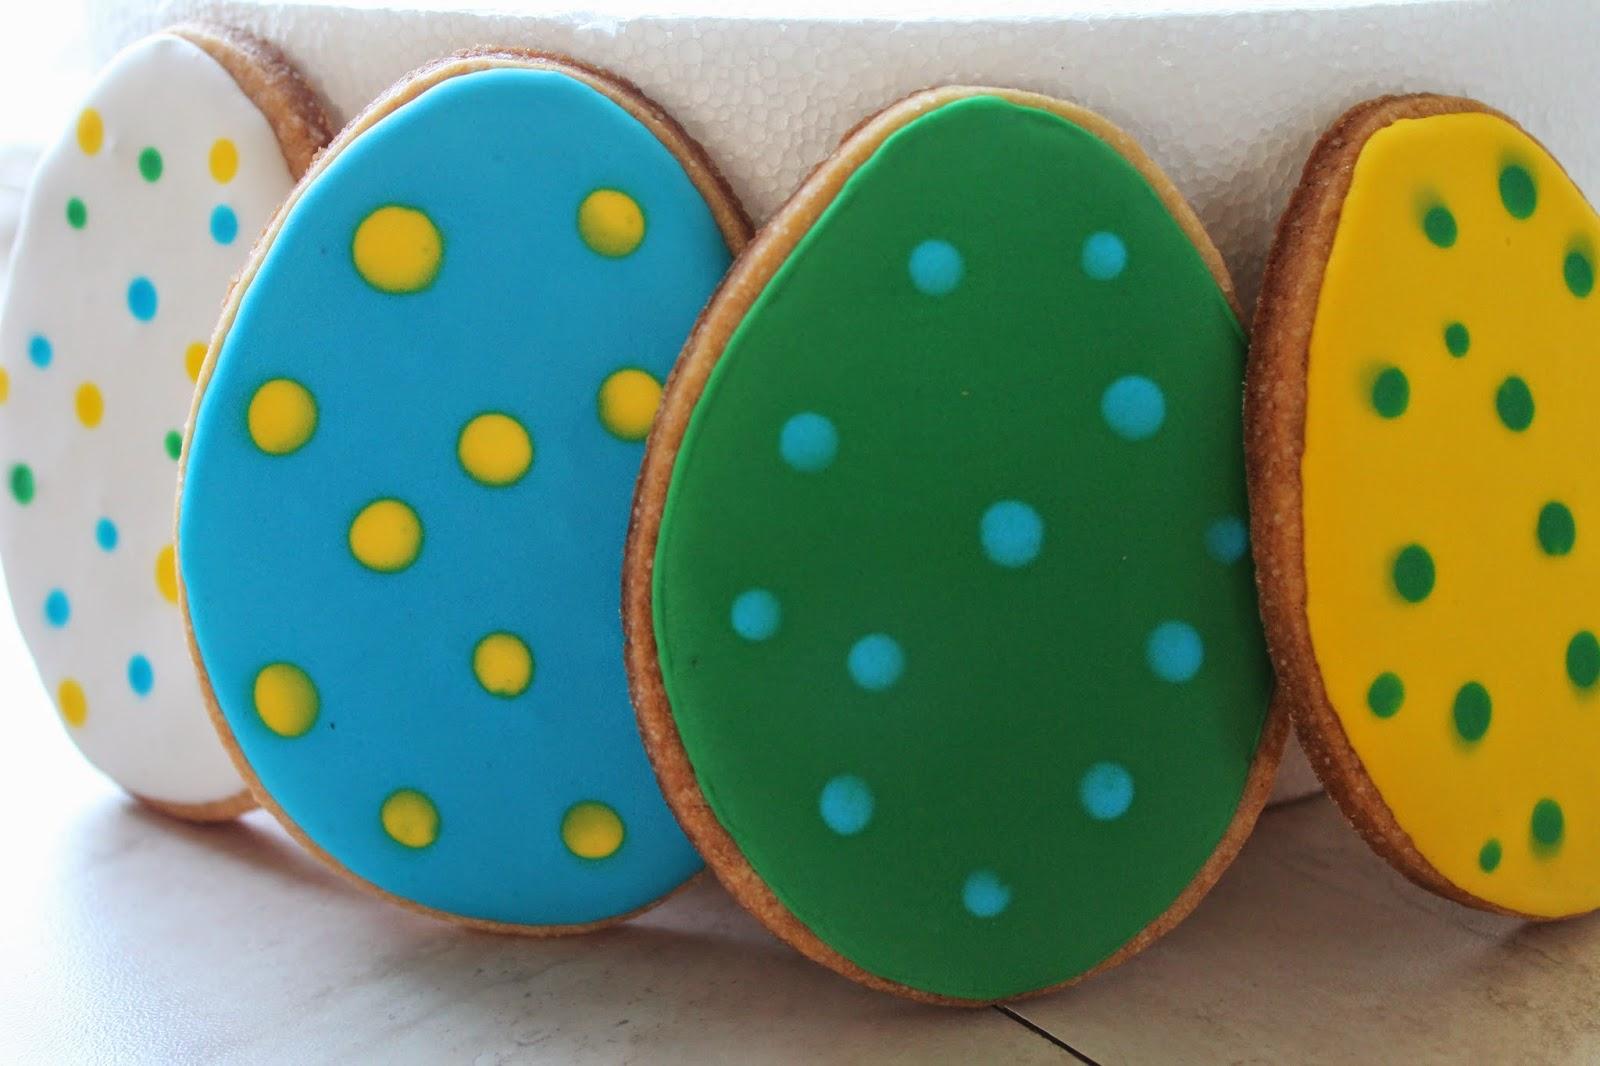 biscotti ovetto di pasqua - easter eggs cookie - tutorial